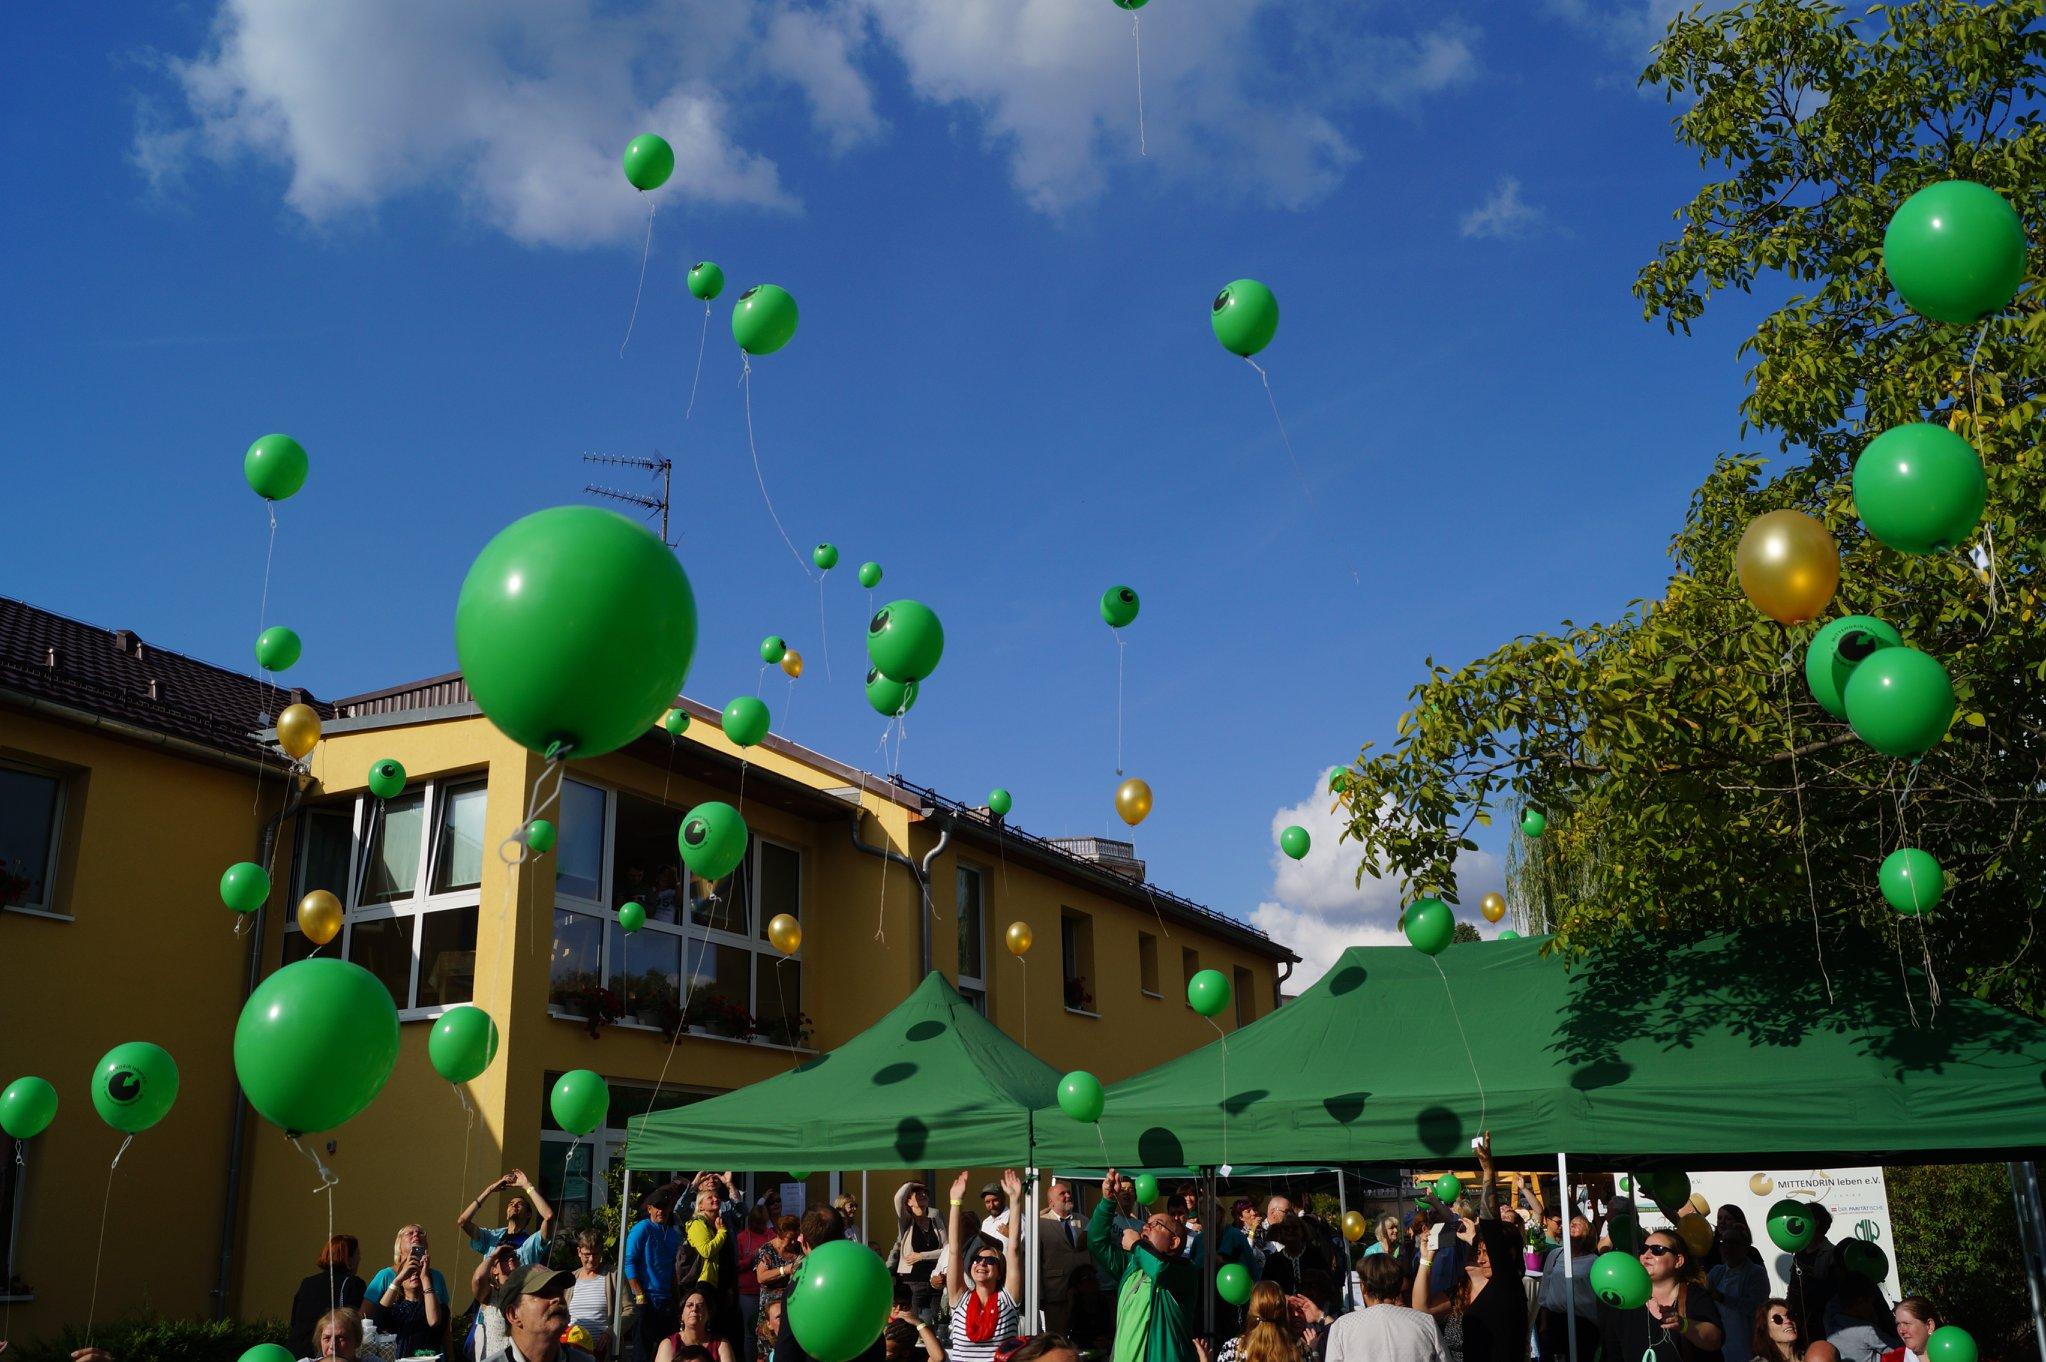 Menschen lassen grüne Luftballons vor dem Stadtteilzentrum Kaulsdorf steigen